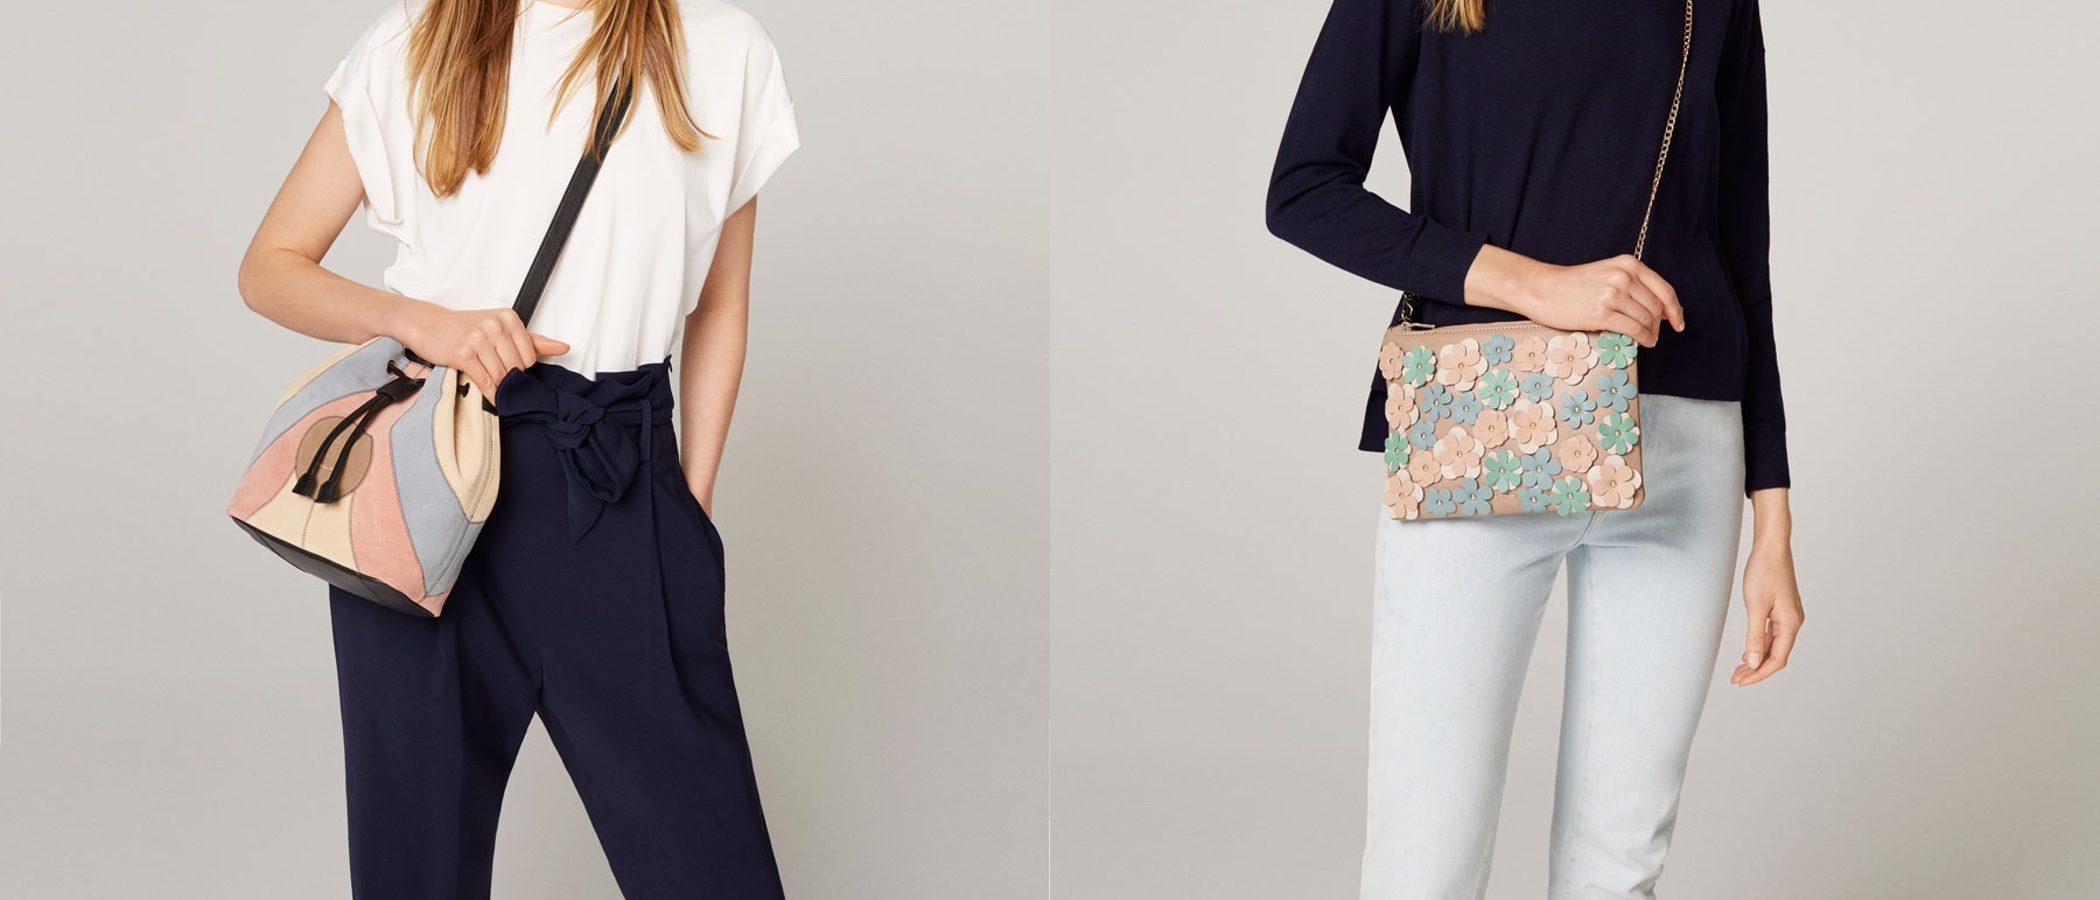 Uterqüe presenta sus nuevos bolsos exclusivos y únicos para primavera/verano 2017